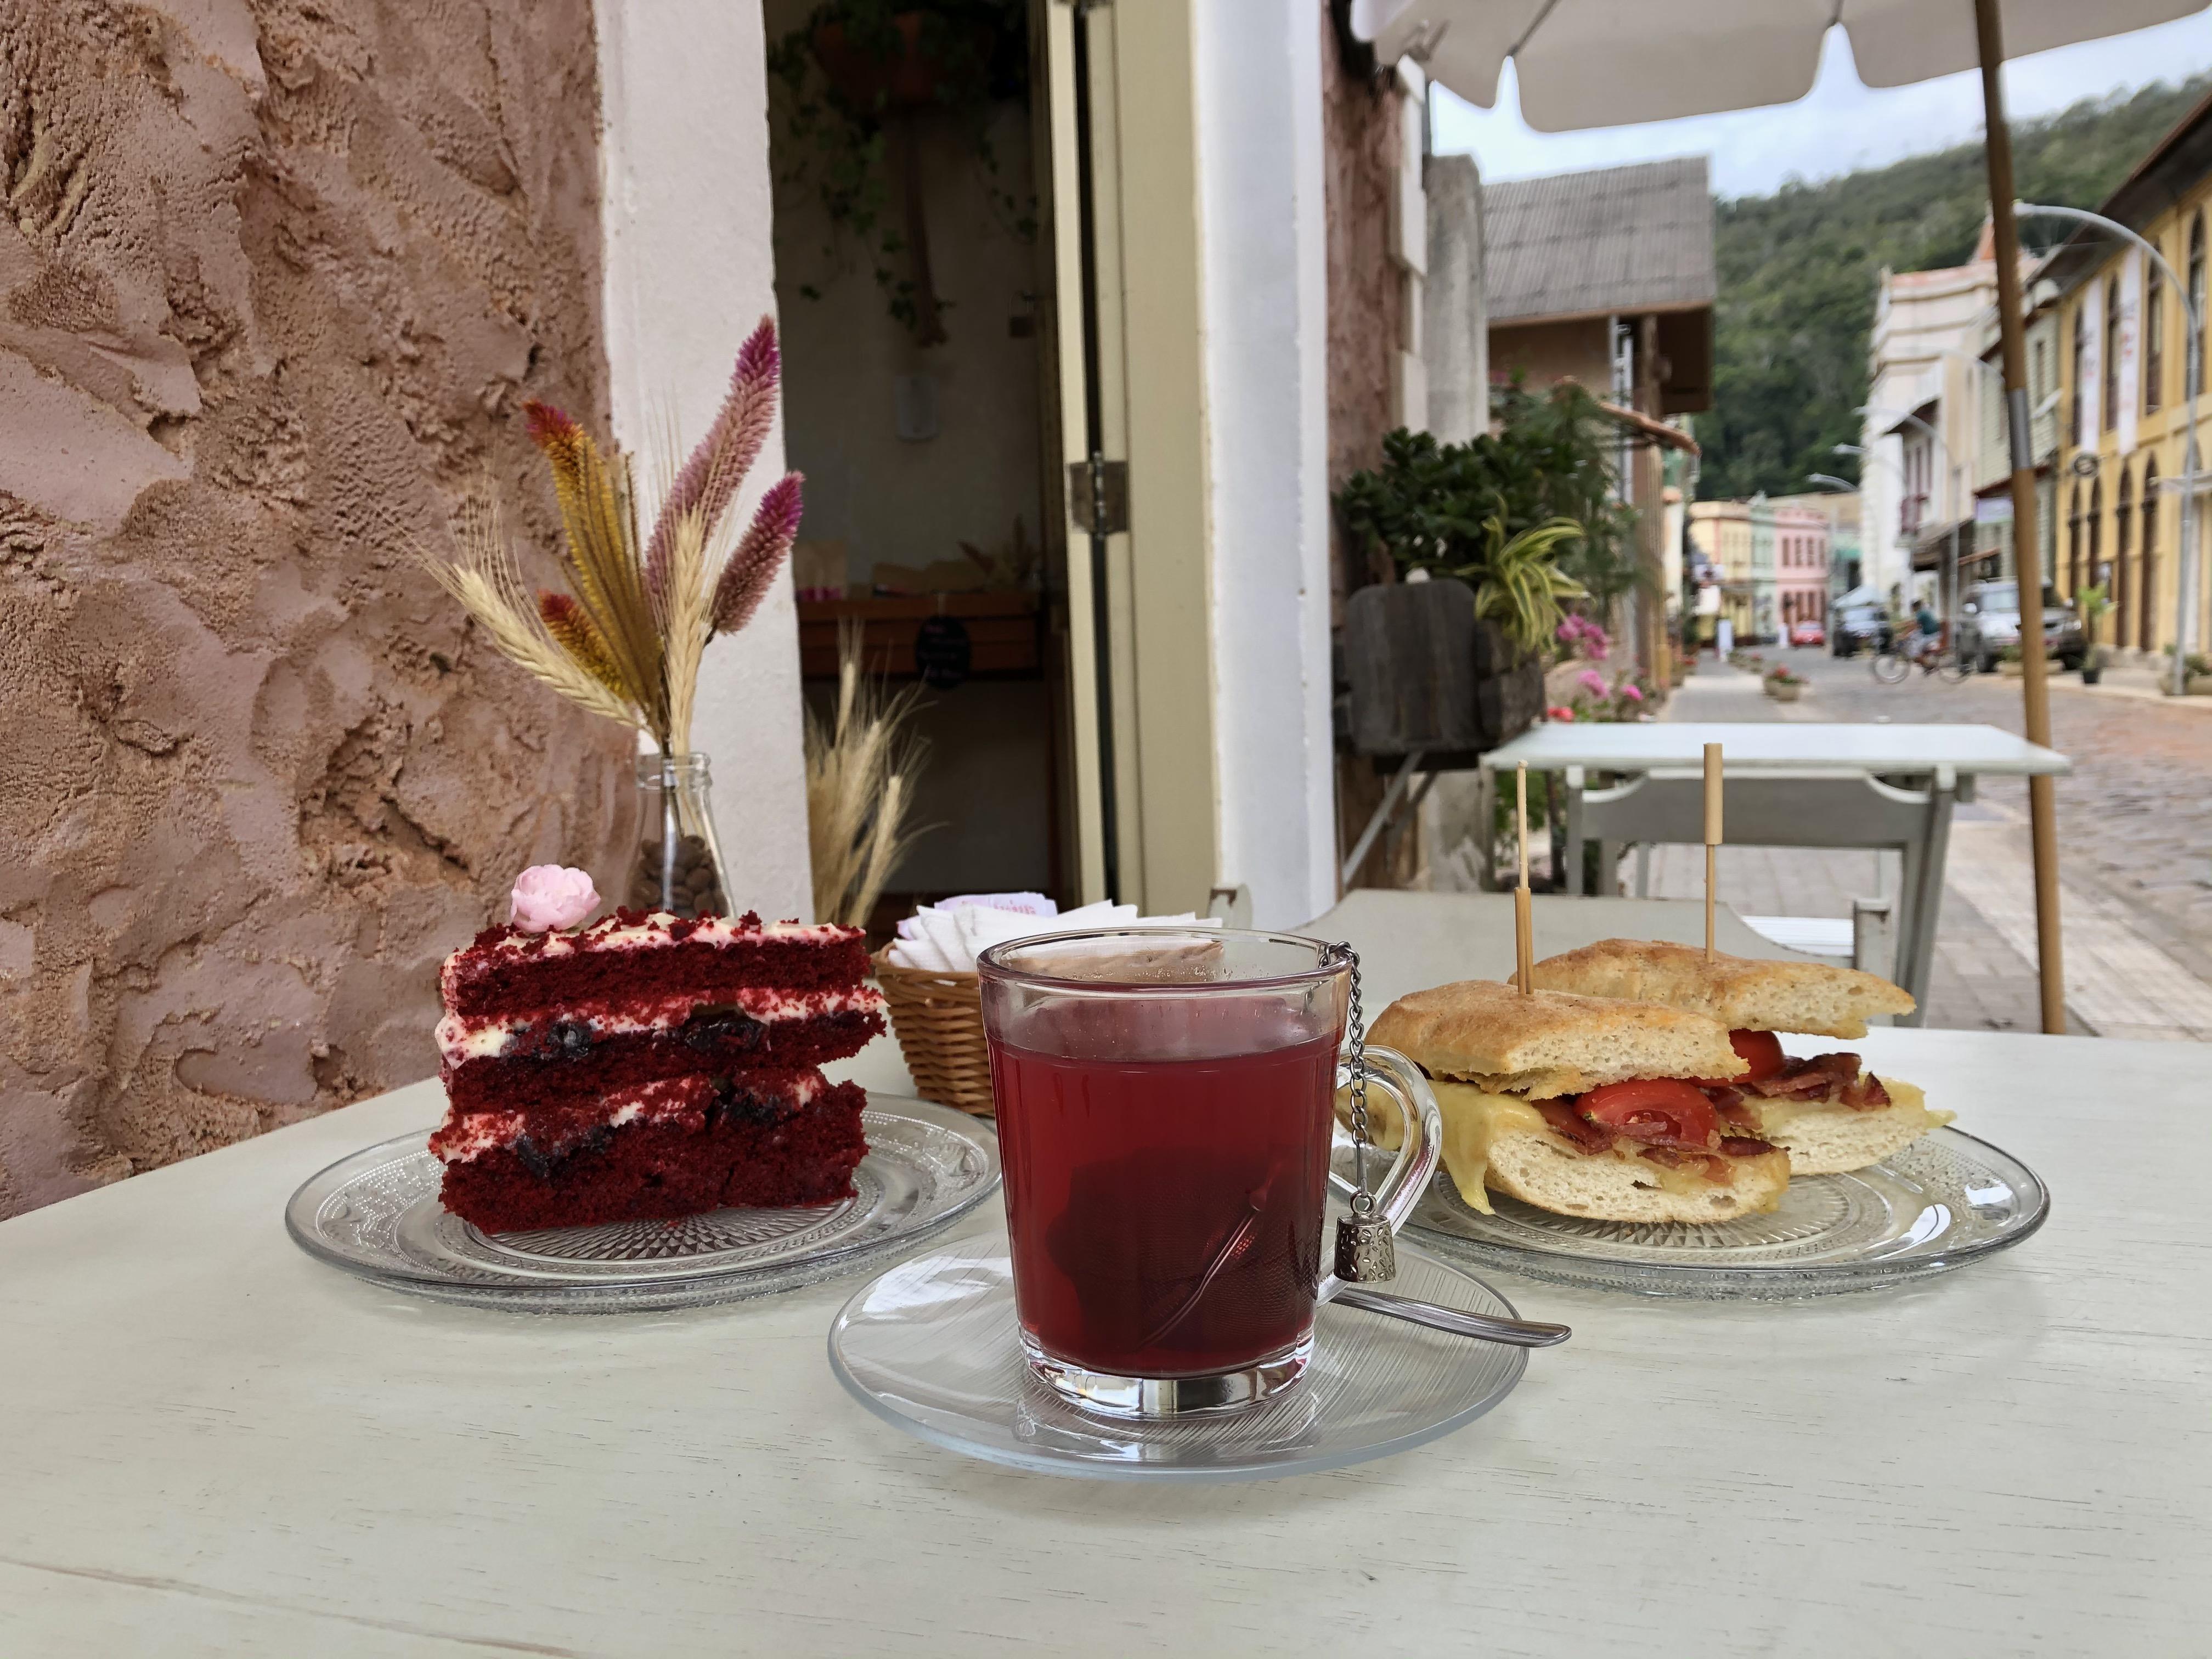 شاي وشطيرة وكعكة من Afago Chás e Cafés Especiais في سانتا تيريزا